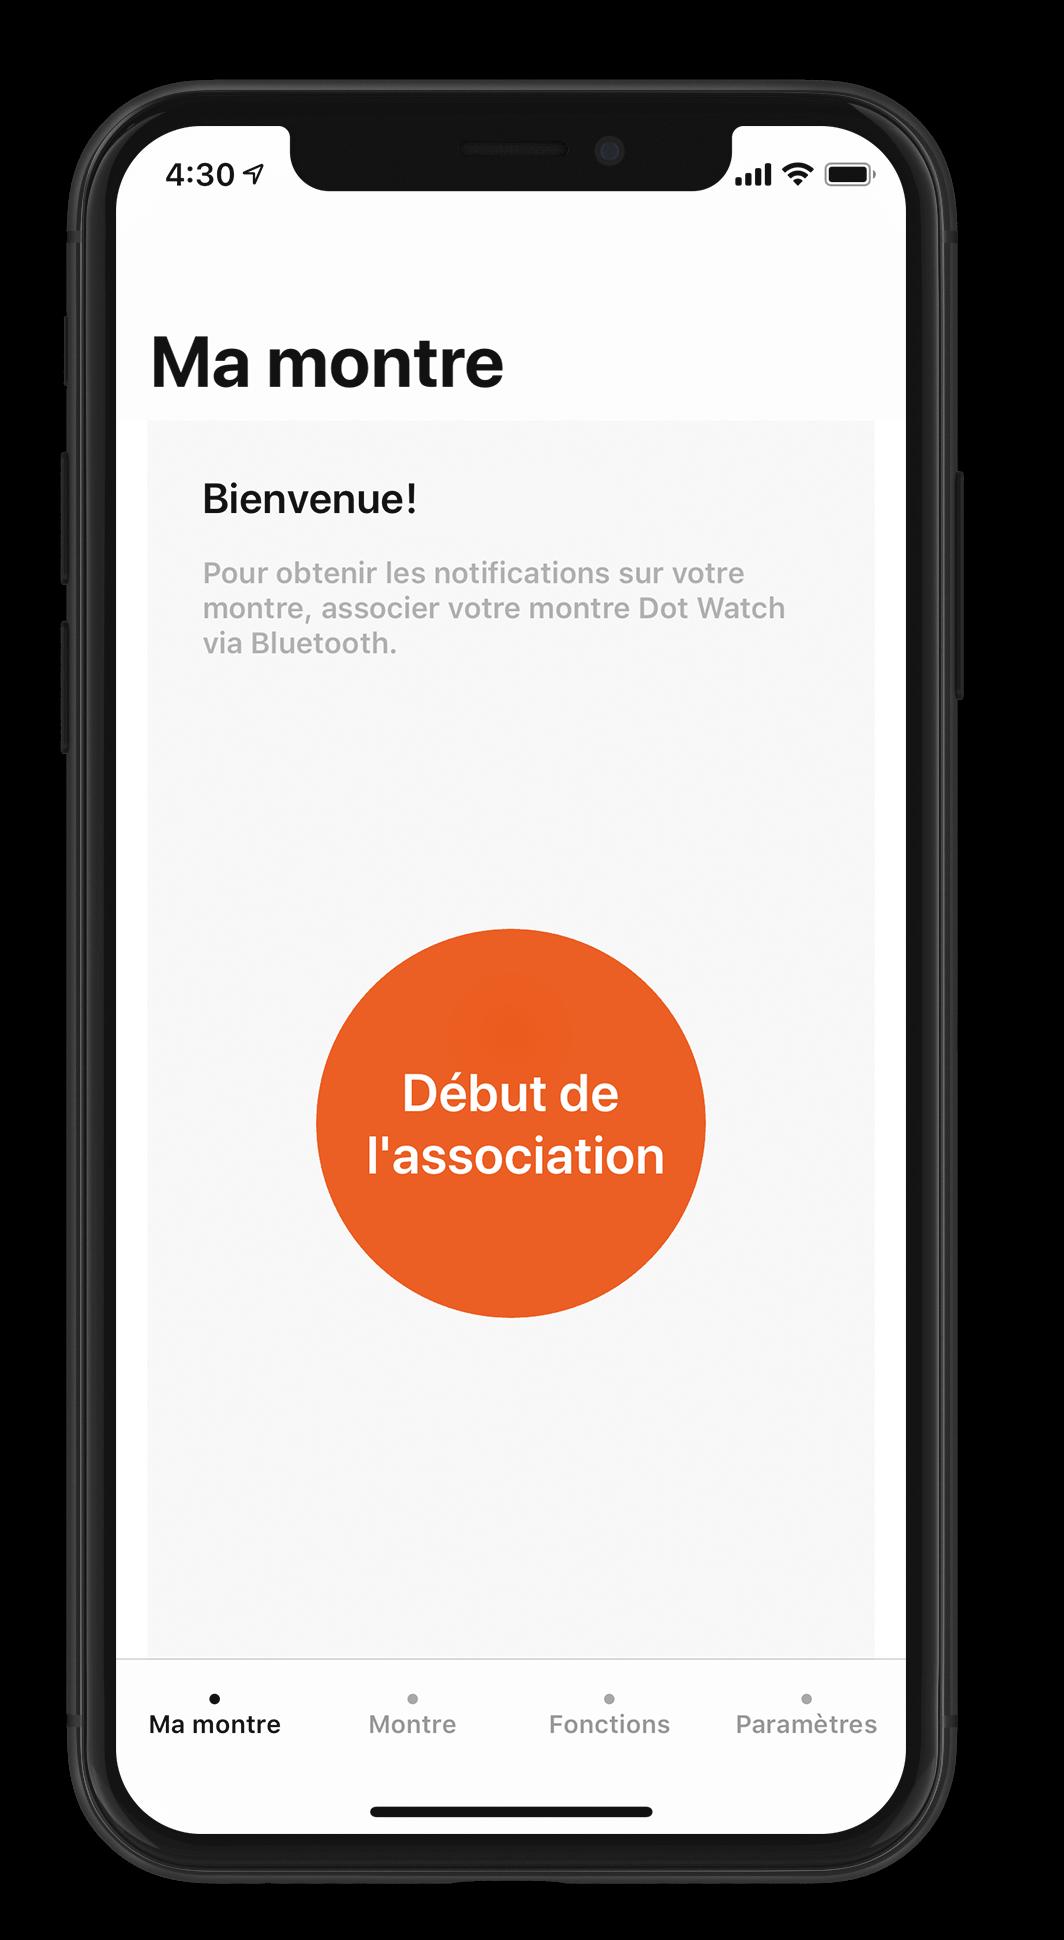 An iPhone X running the Dot Watch app